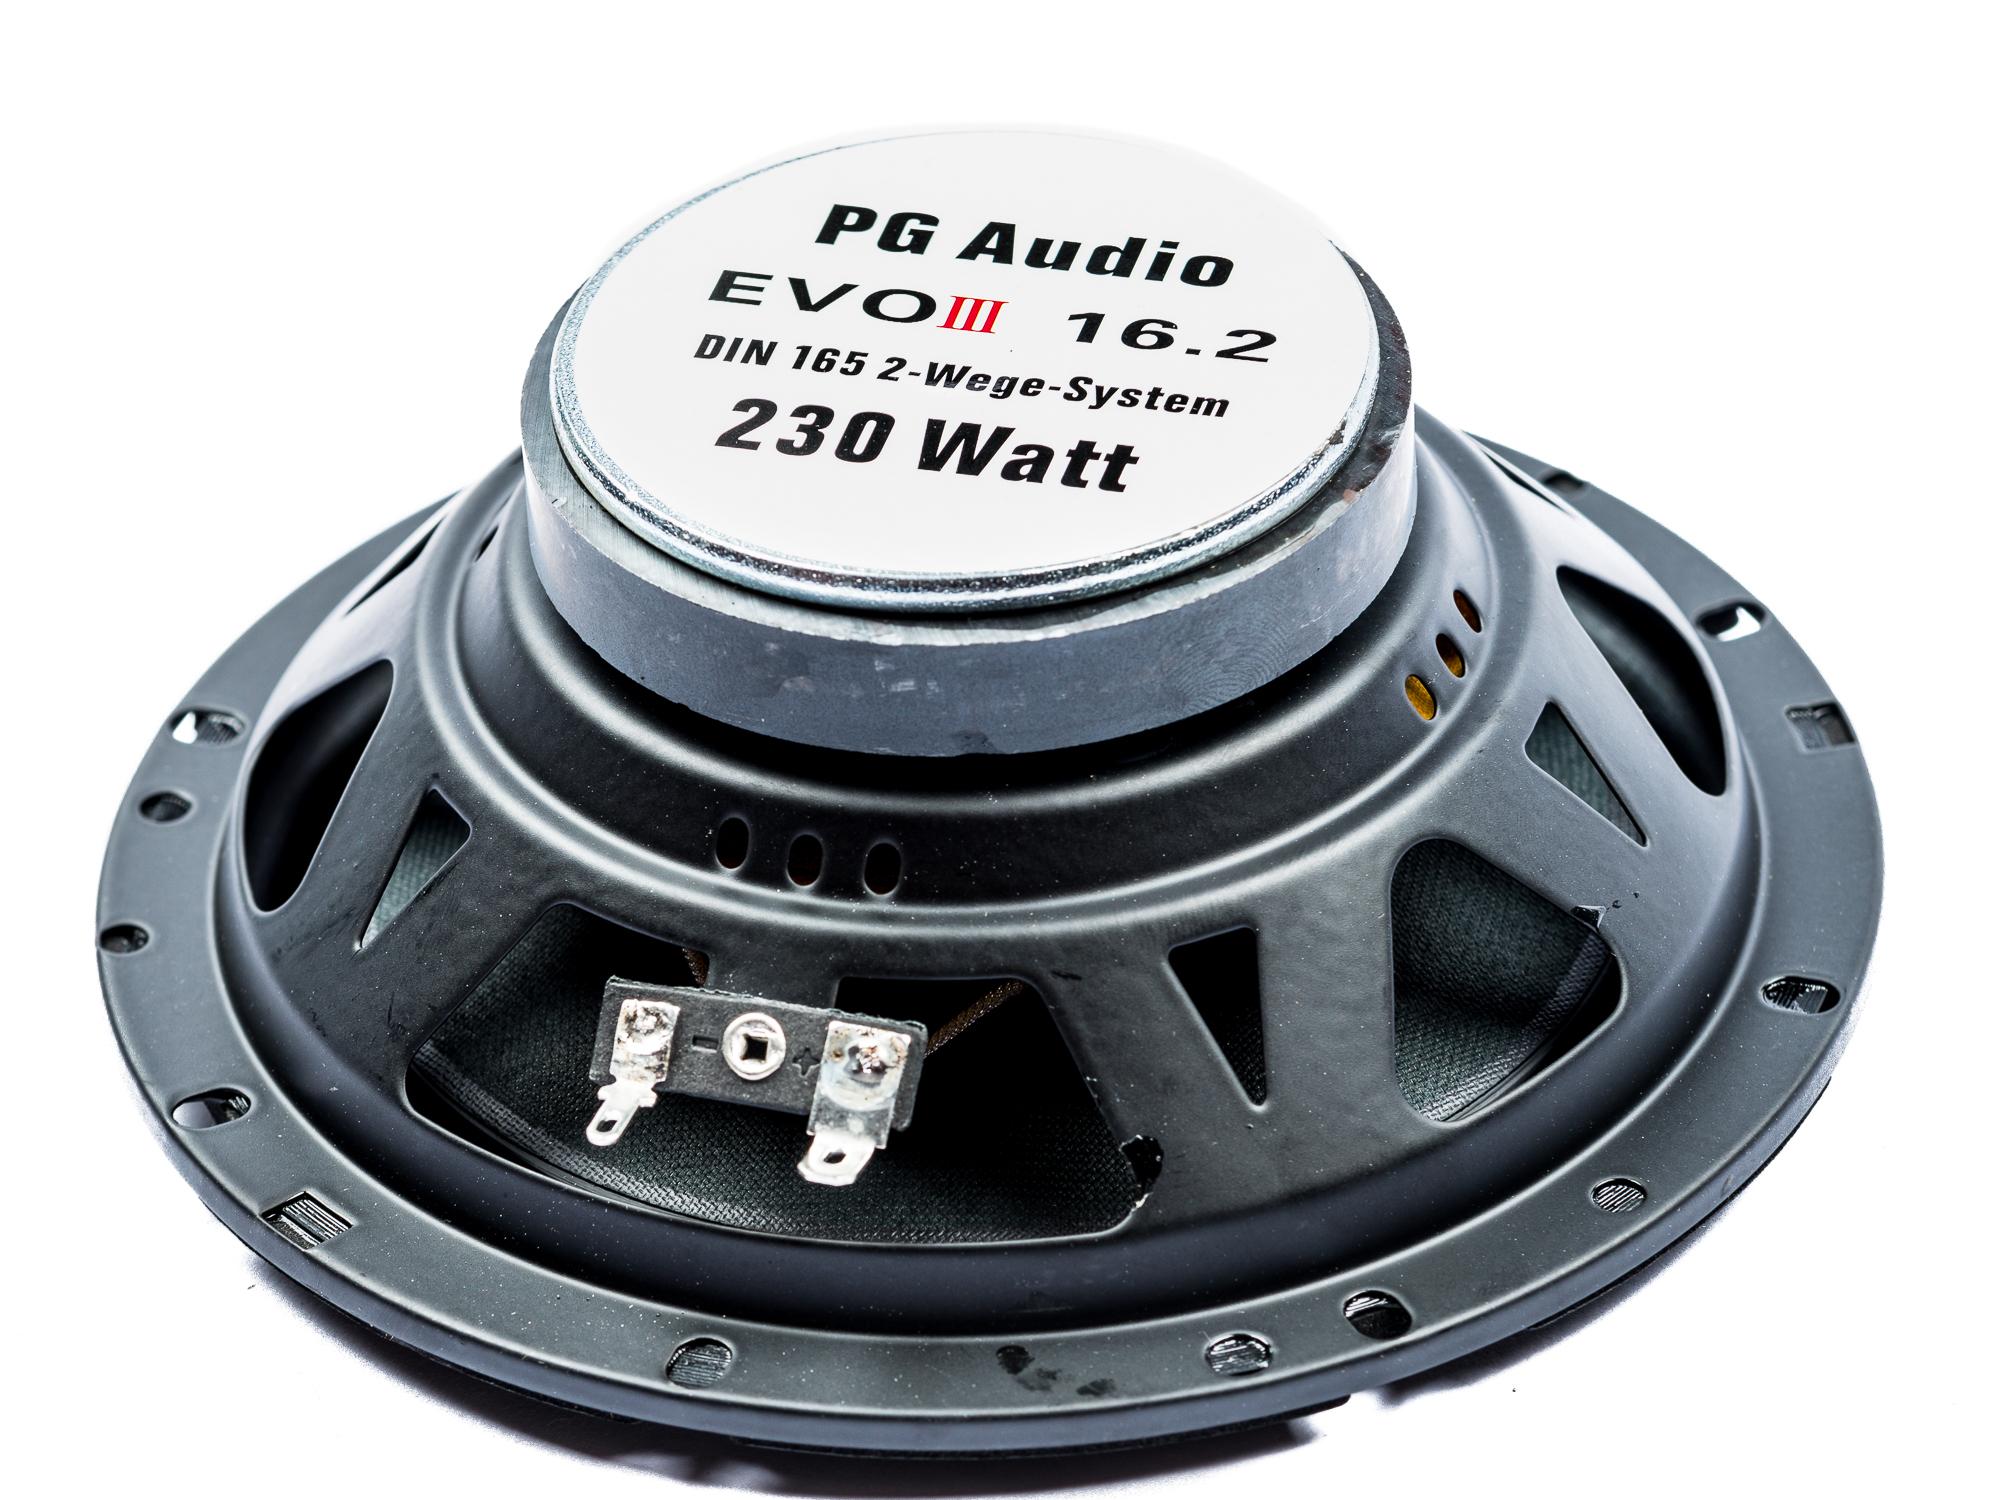 PG Audio EVO III 16.2, 16 cm Coax Lautsprecher für Ford,Opel,Lada,Rover,Subaru & Volvo – Bild 3